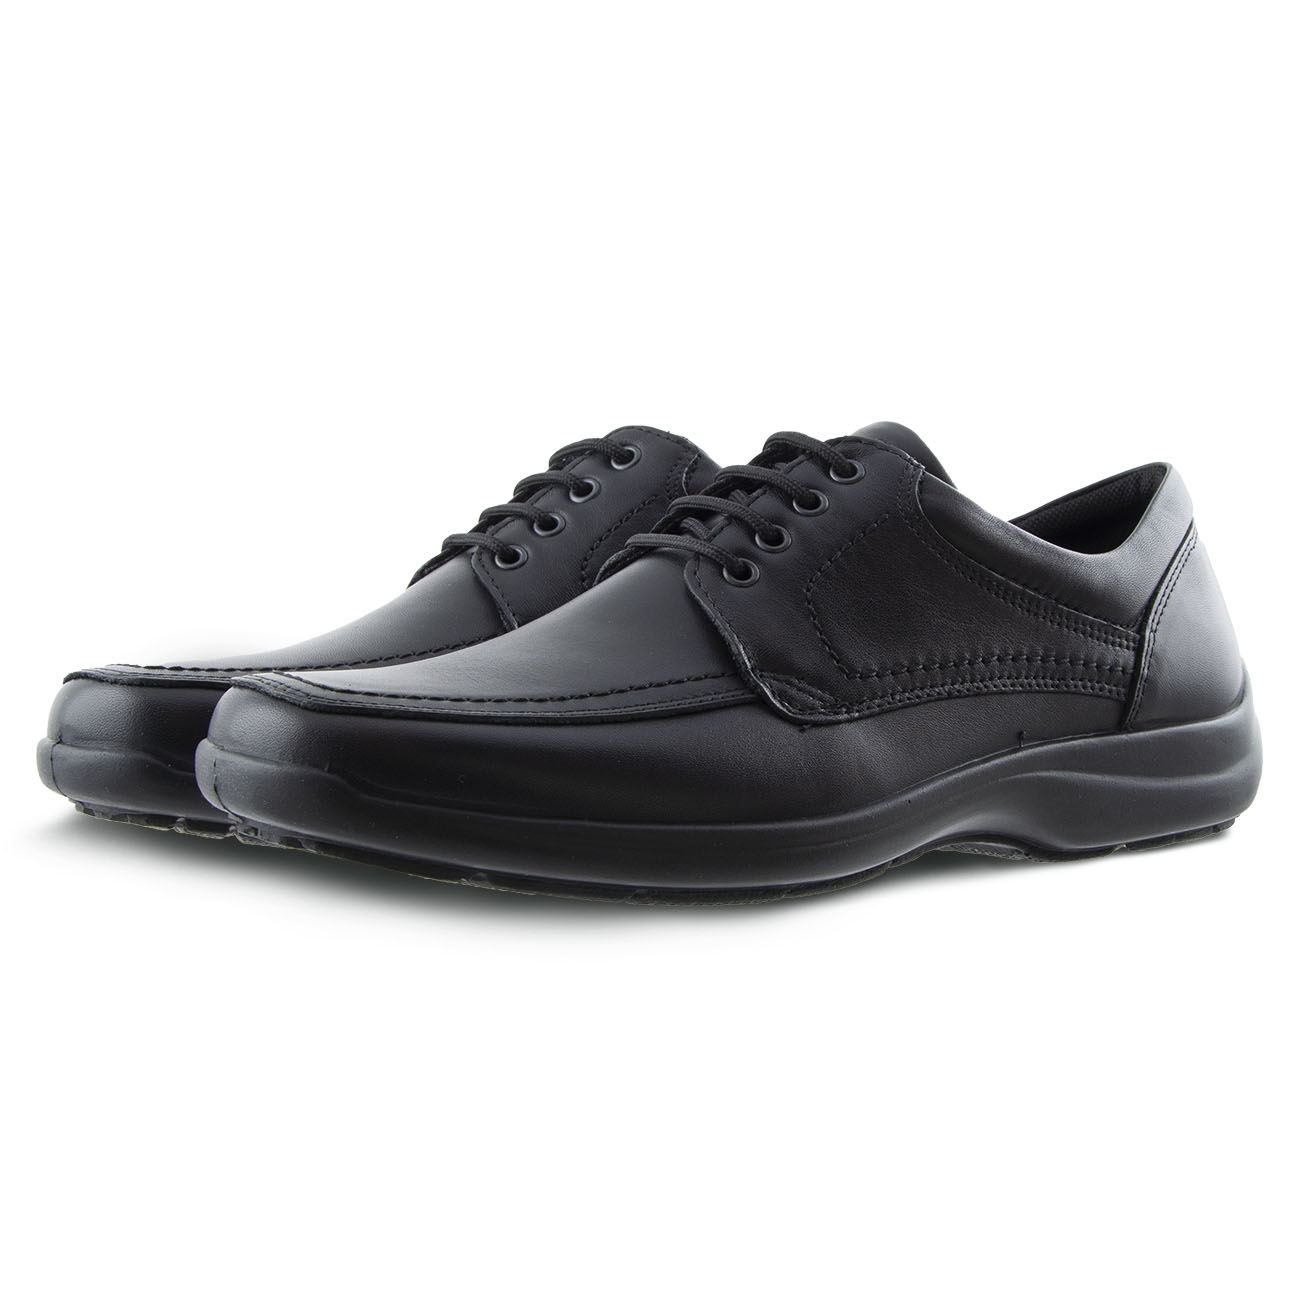 Ανδρικό δετό παπούτσι δερμα IMAC 500830